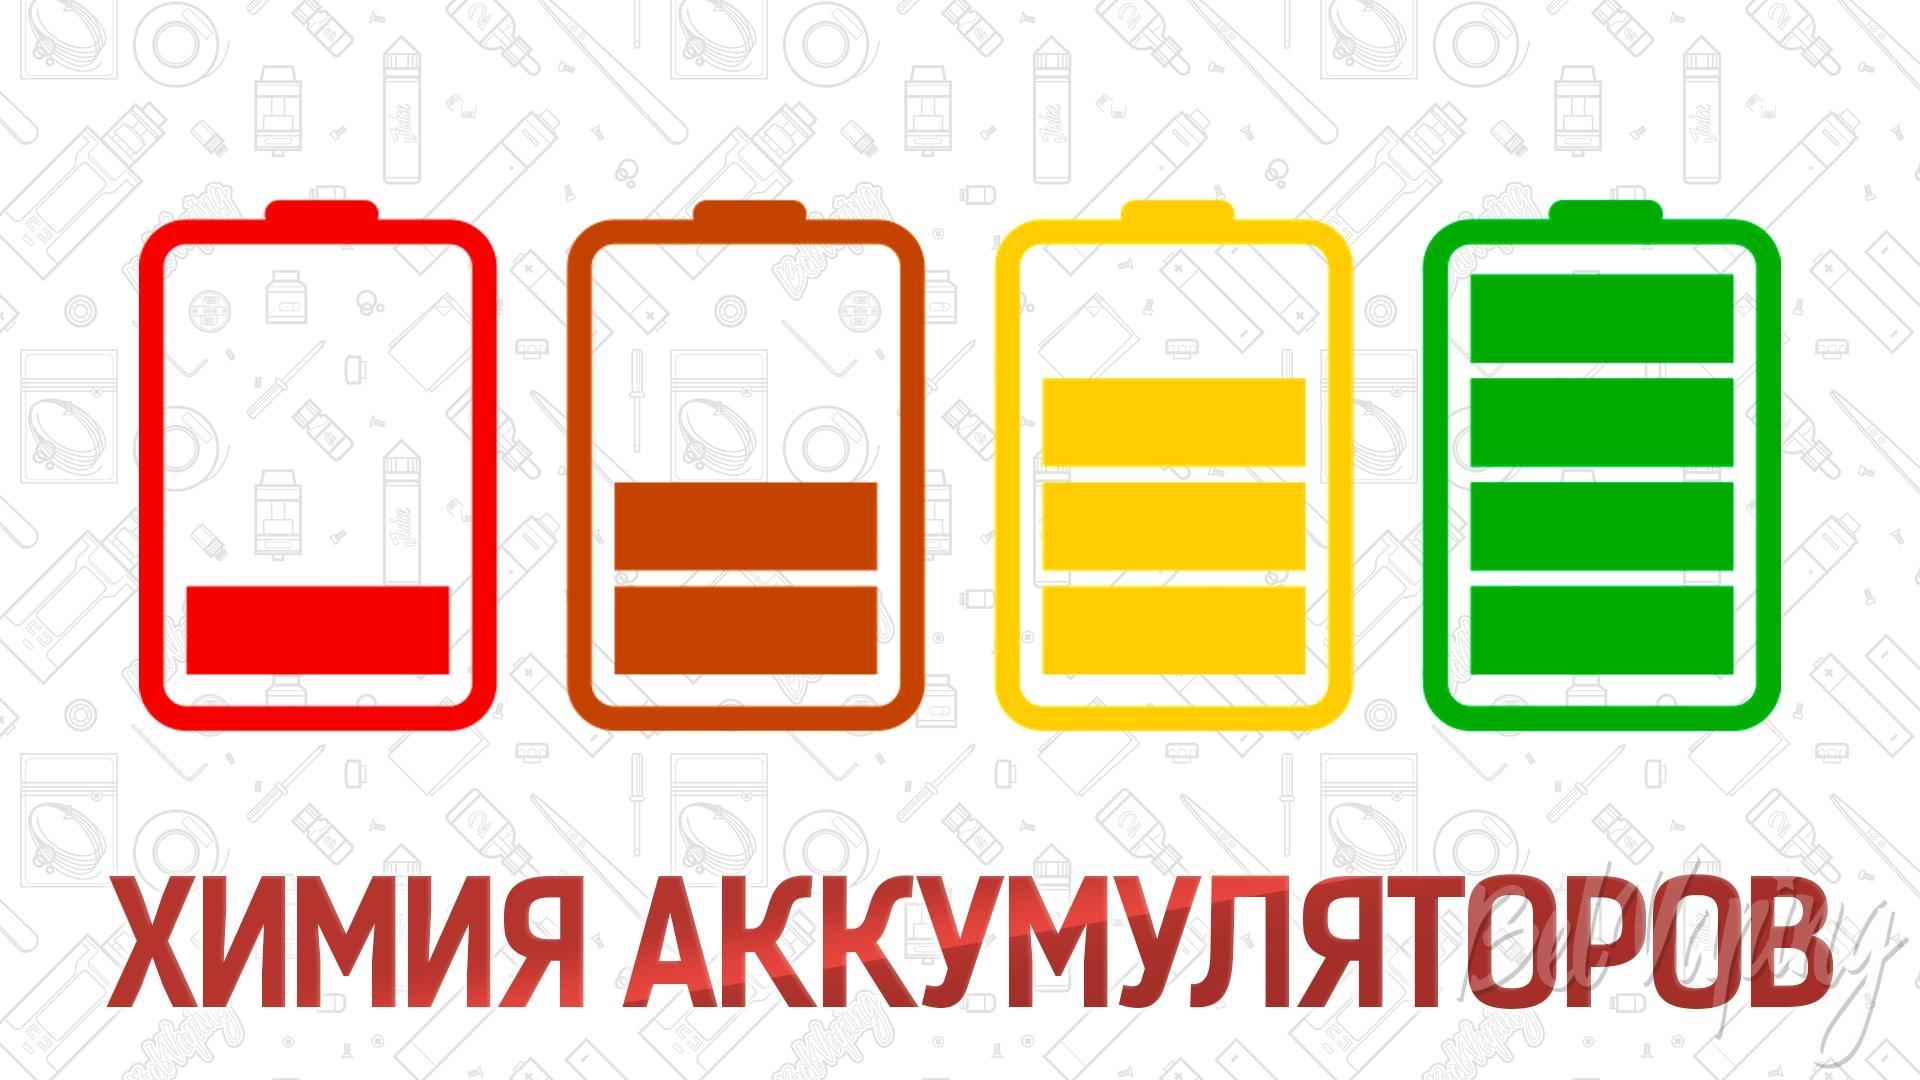 Химия аккумуляторов